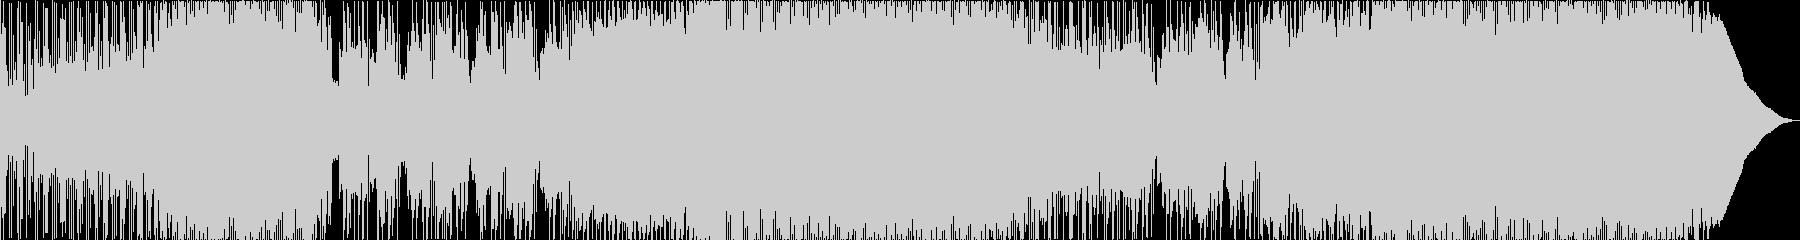 洋楽風のクールで迫力あるエモ・ロックの未再生の波形